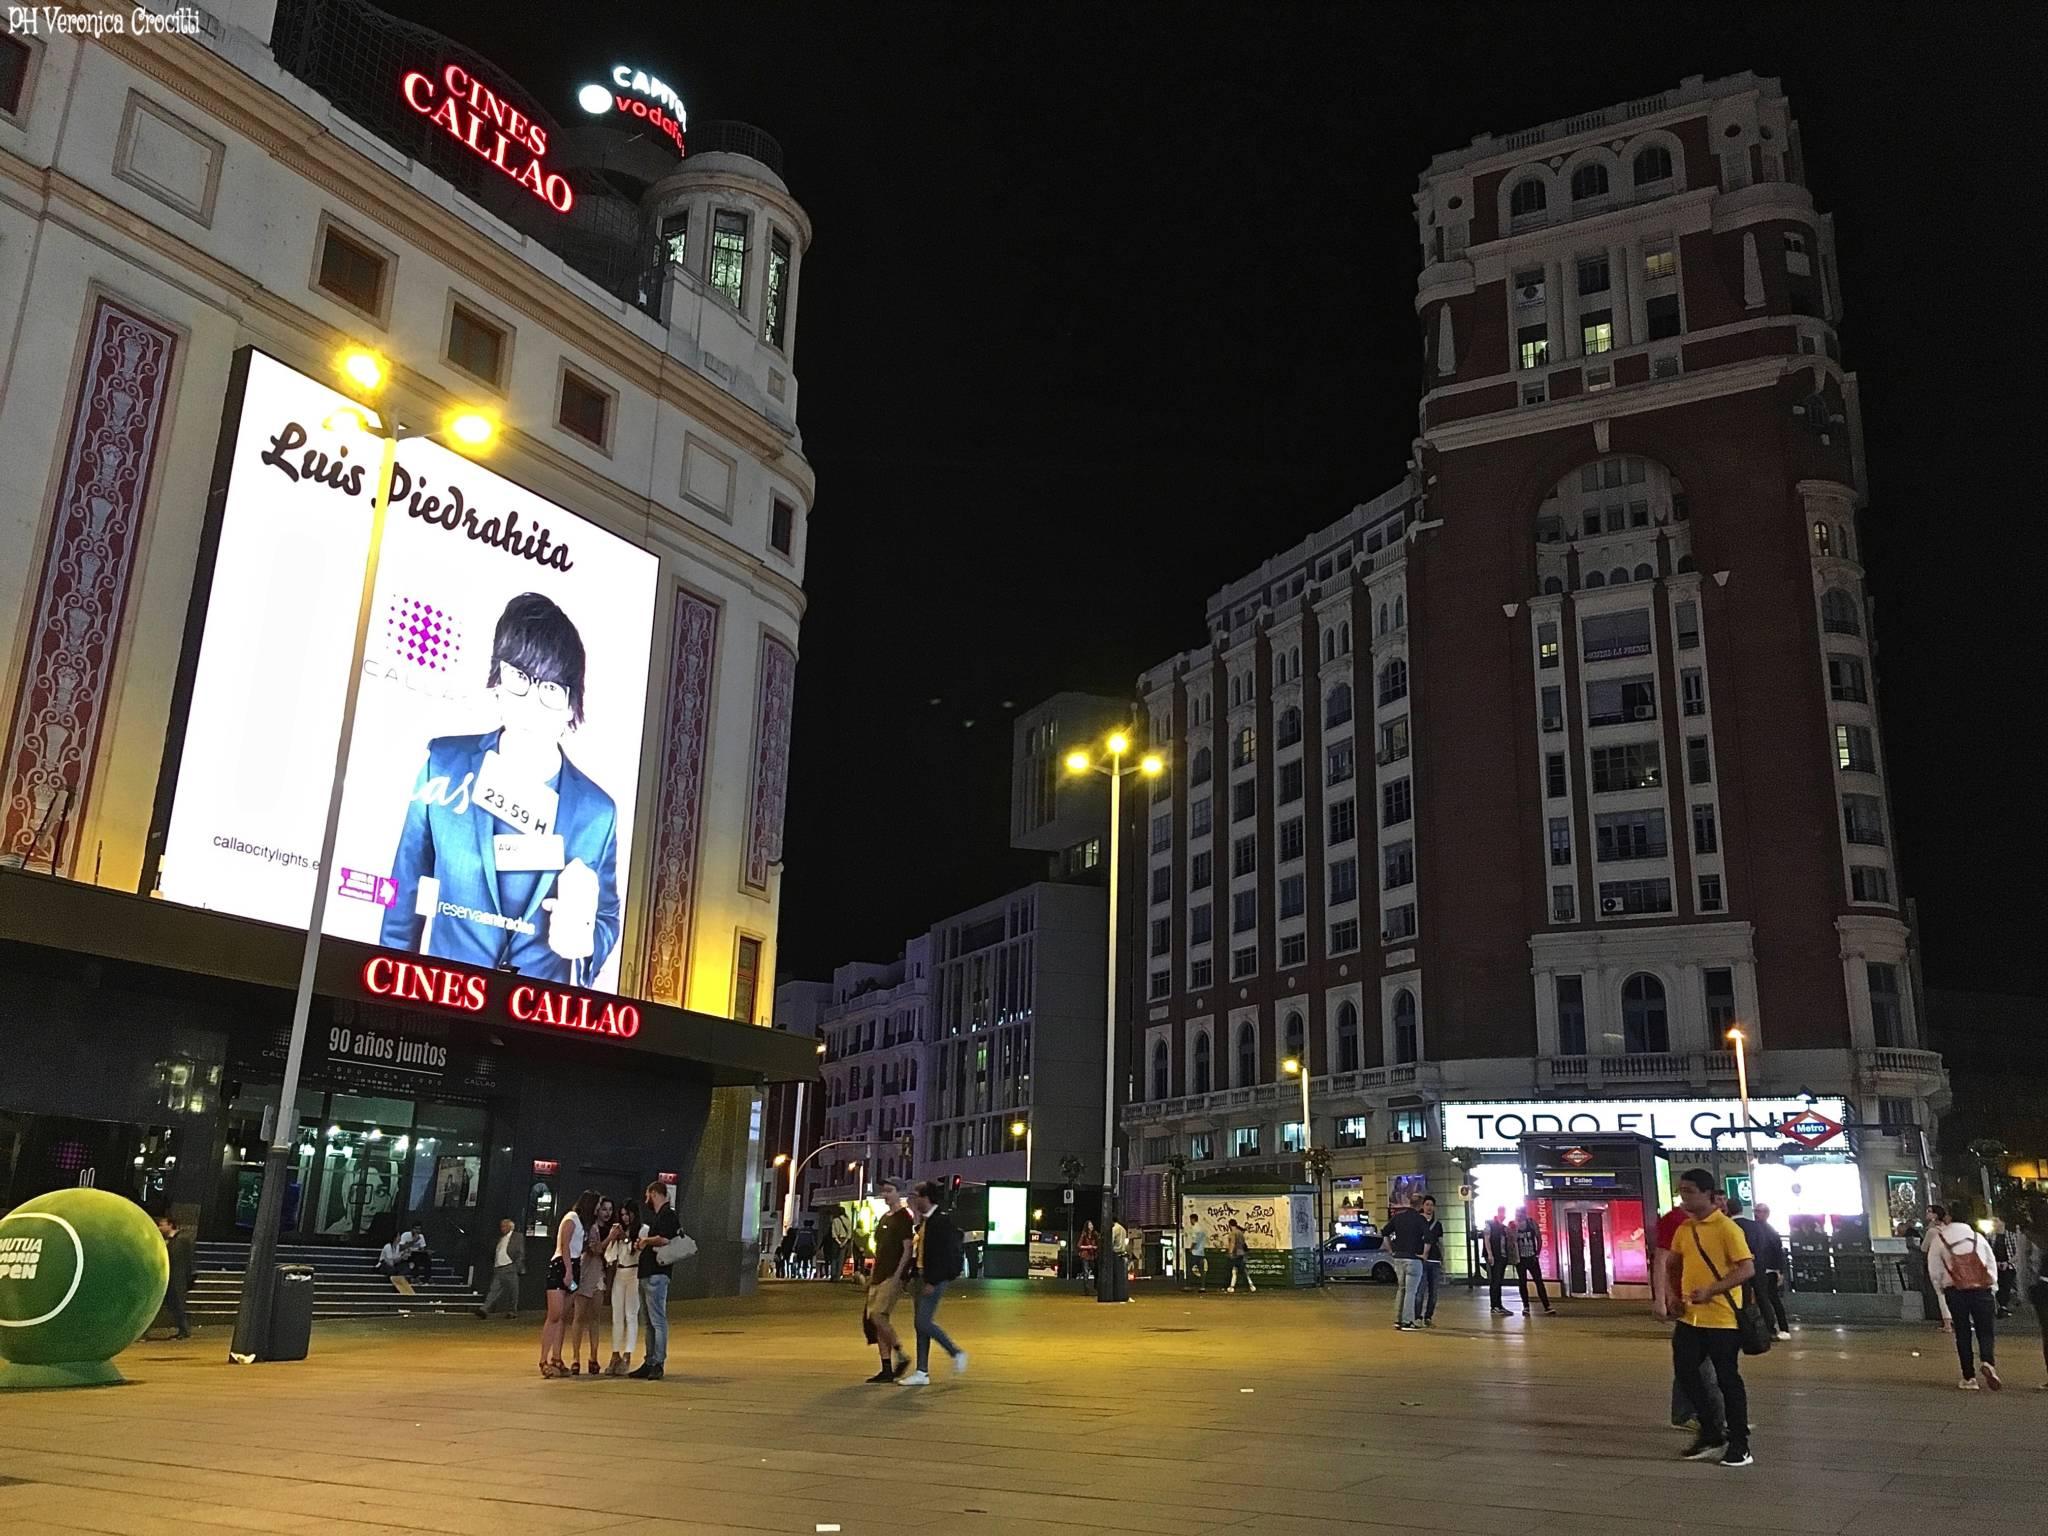 Plaza del Callao - Madrid, Spagna